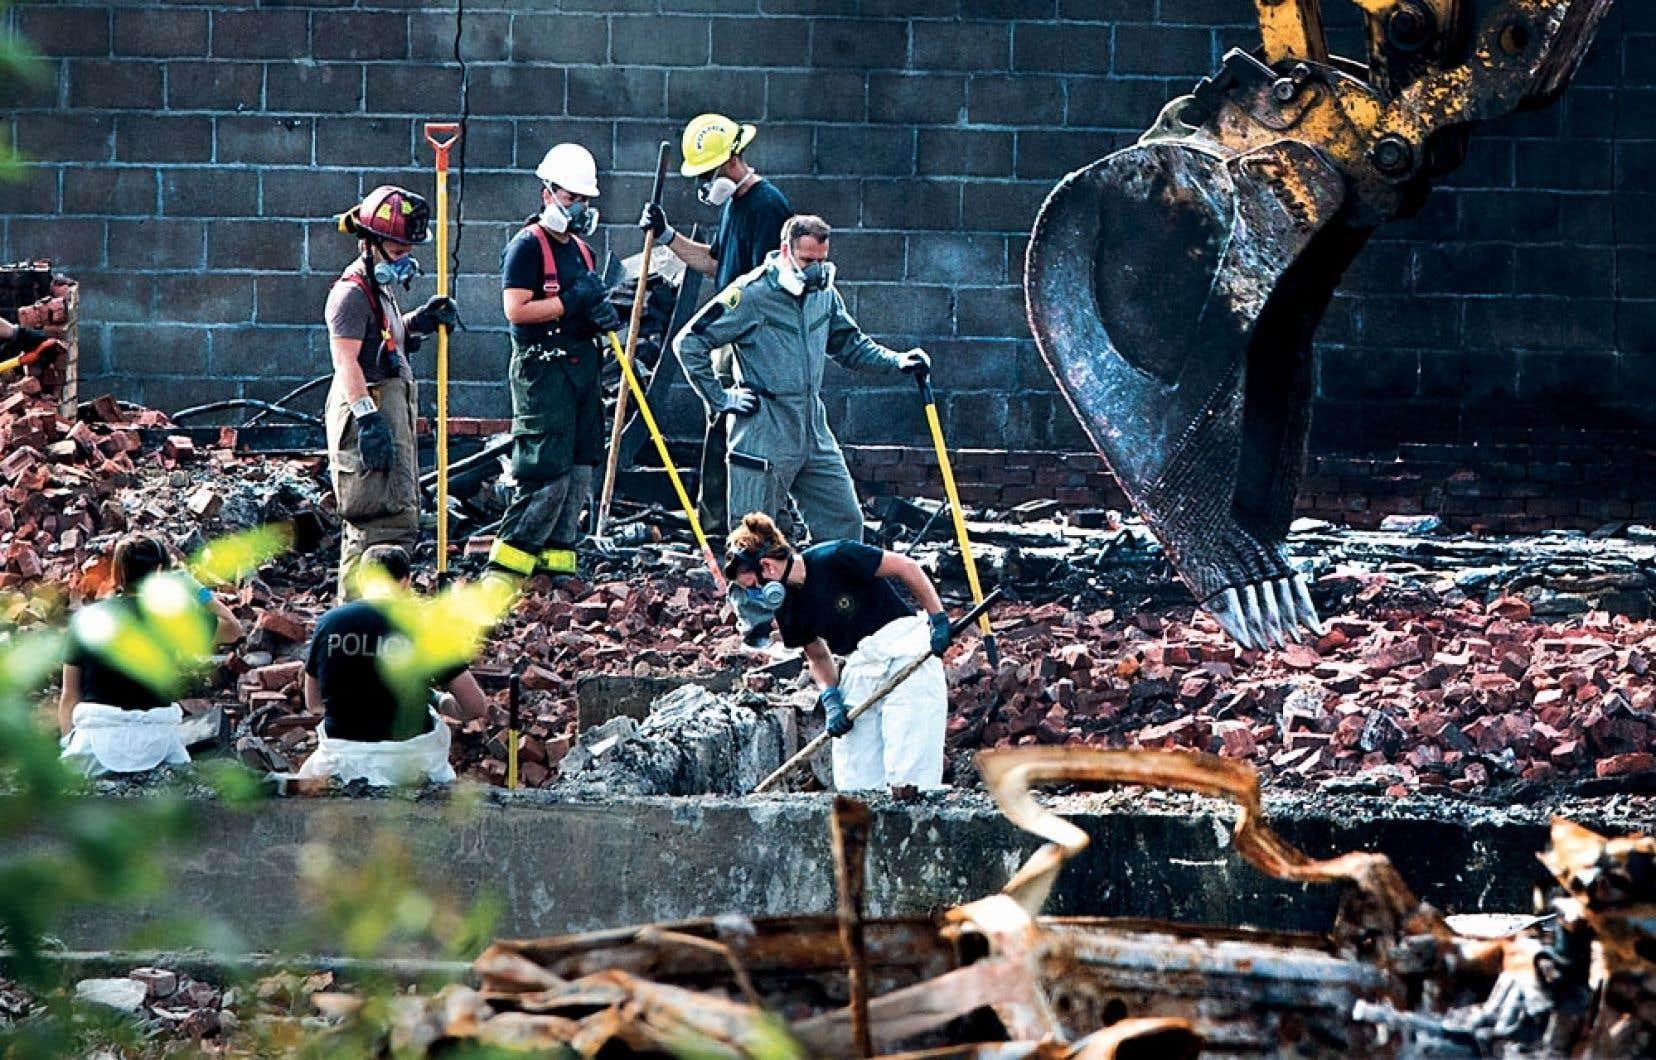 Des enquêteurs de la Sûreté du Québec fouillant les décombres au cœur de la «zone rouge», à Lac-Mégantic, dimanche.